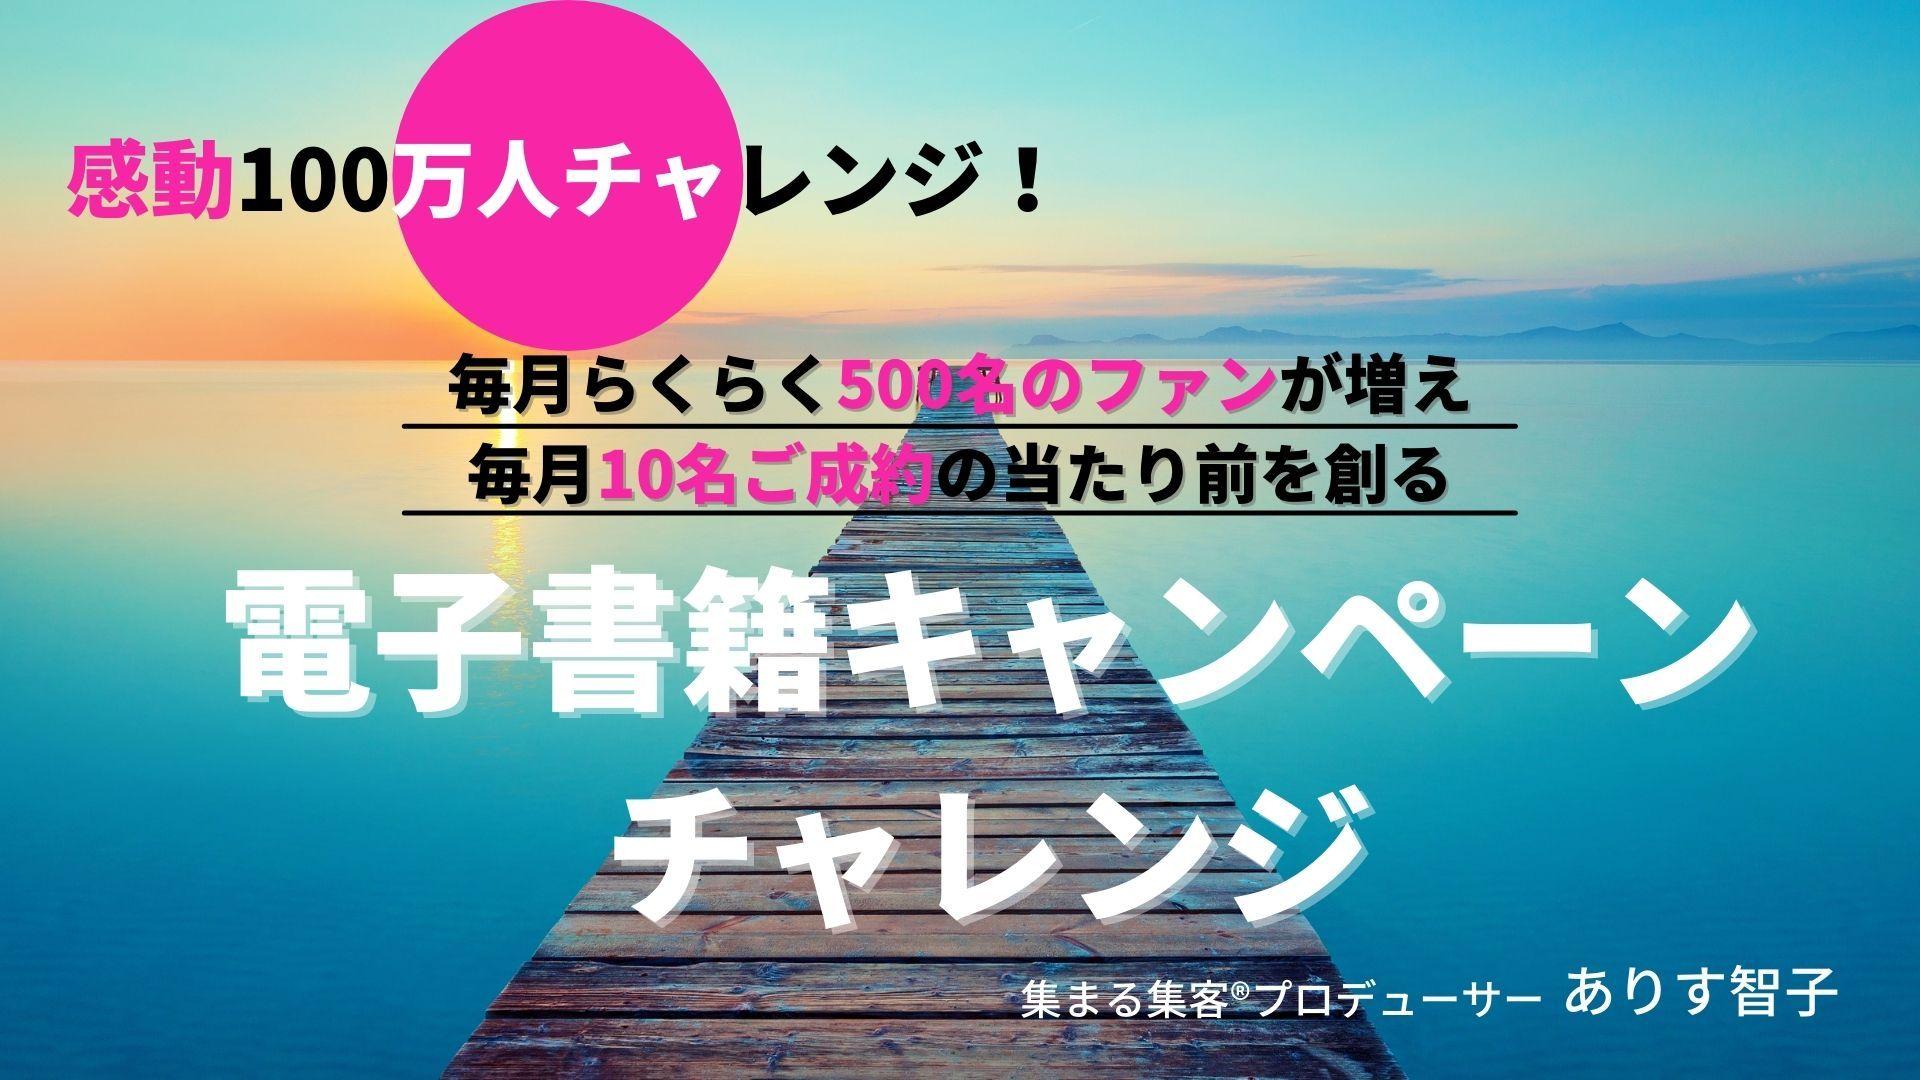 100万人感動チャレンジ (1).jpg